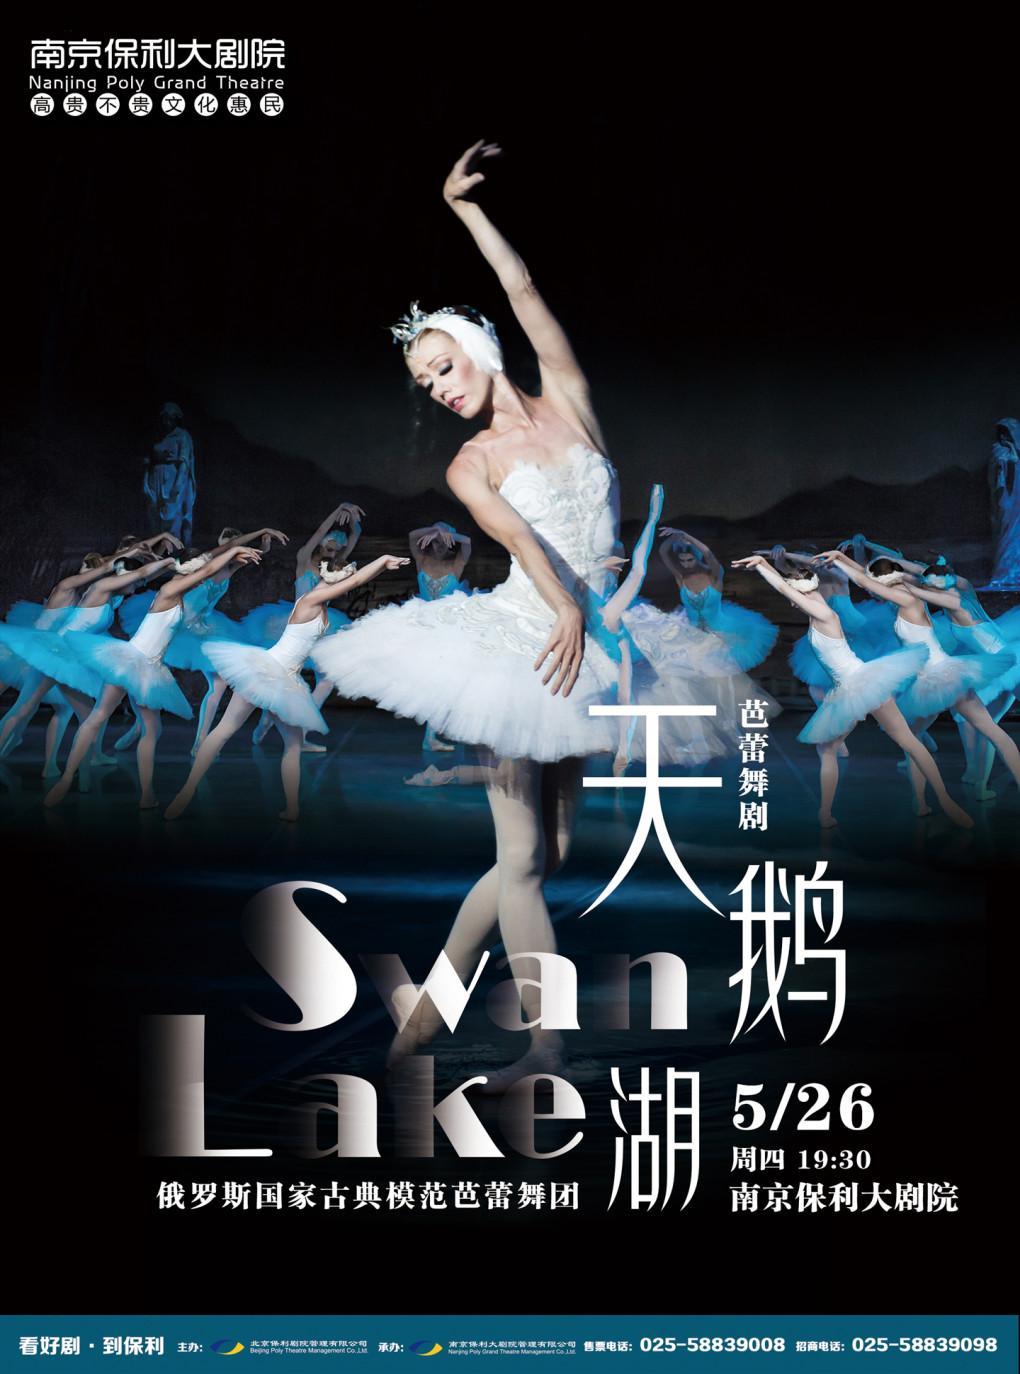 俄罗斯国家古典模范芭蕾舞团《天鹅湖》